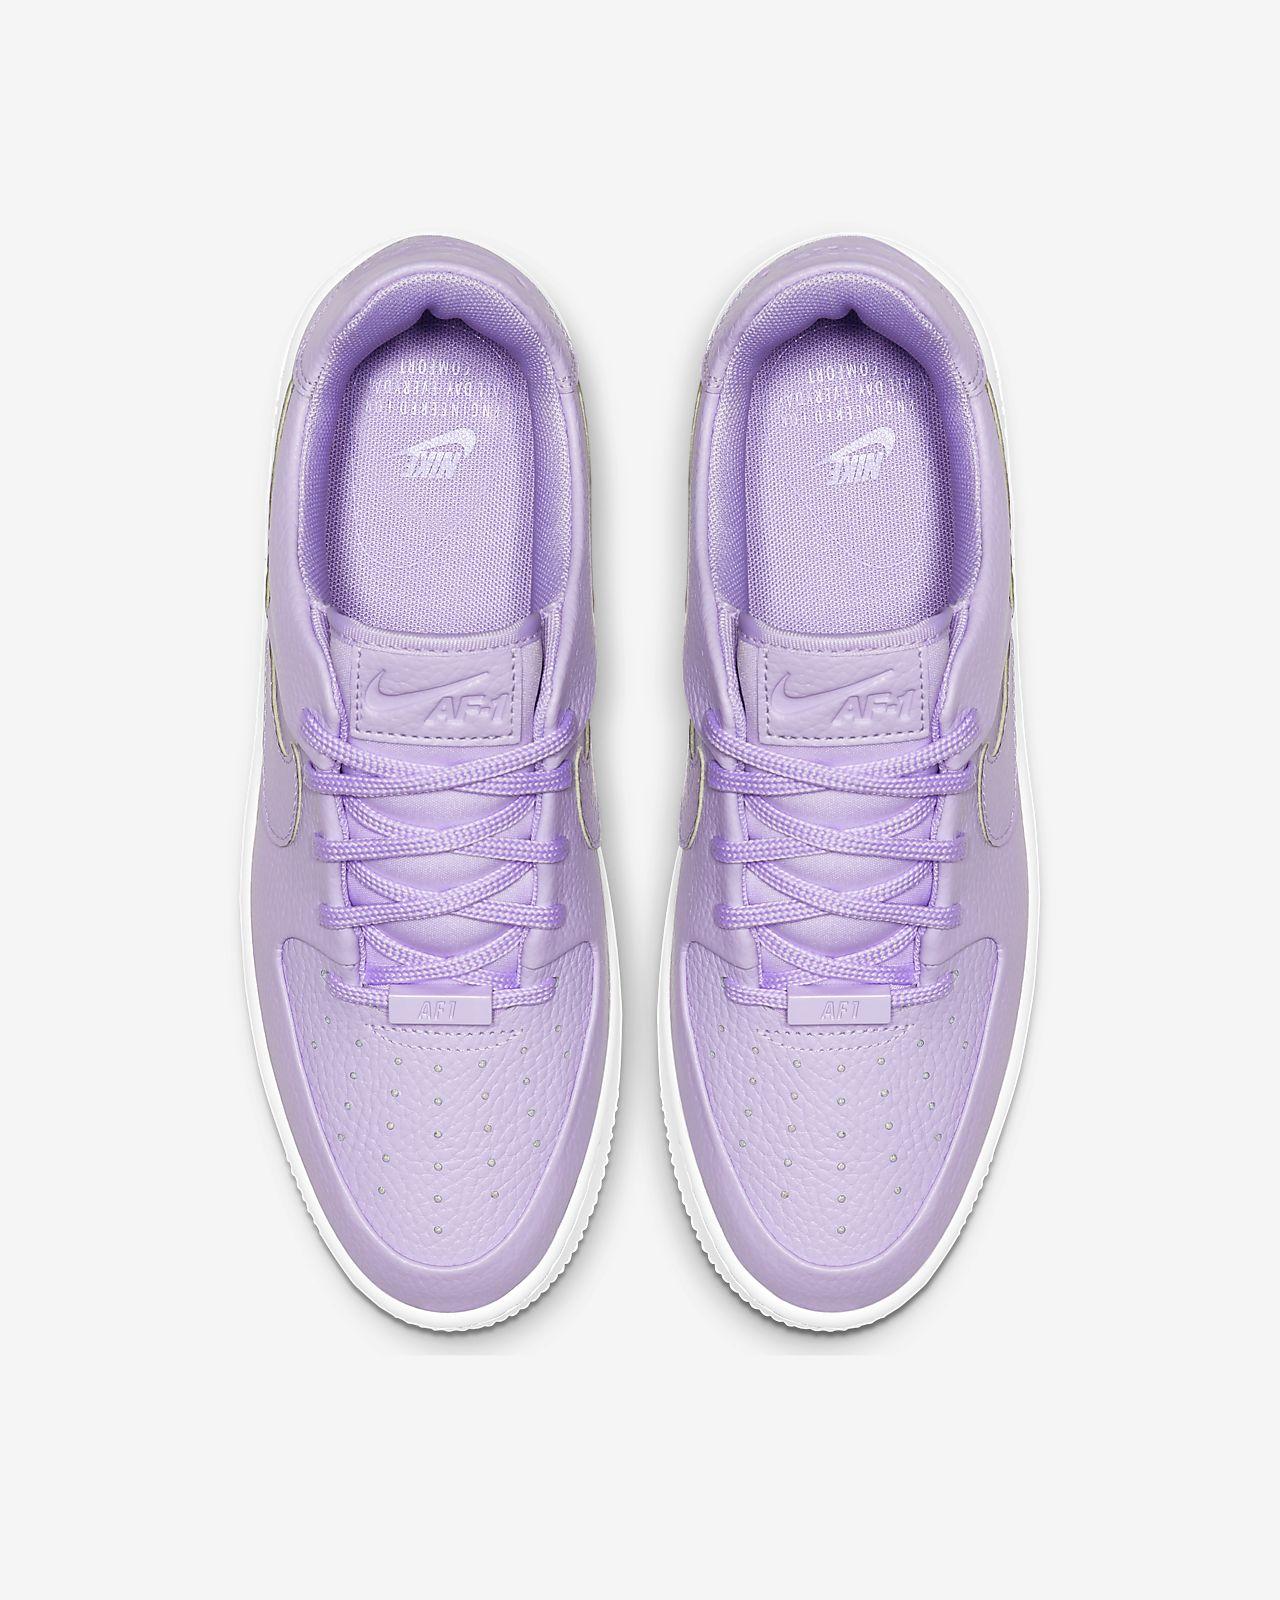 acheter populaire bd165 b828d Chaussure Nike Air Force 1 Sage Low pour Femme